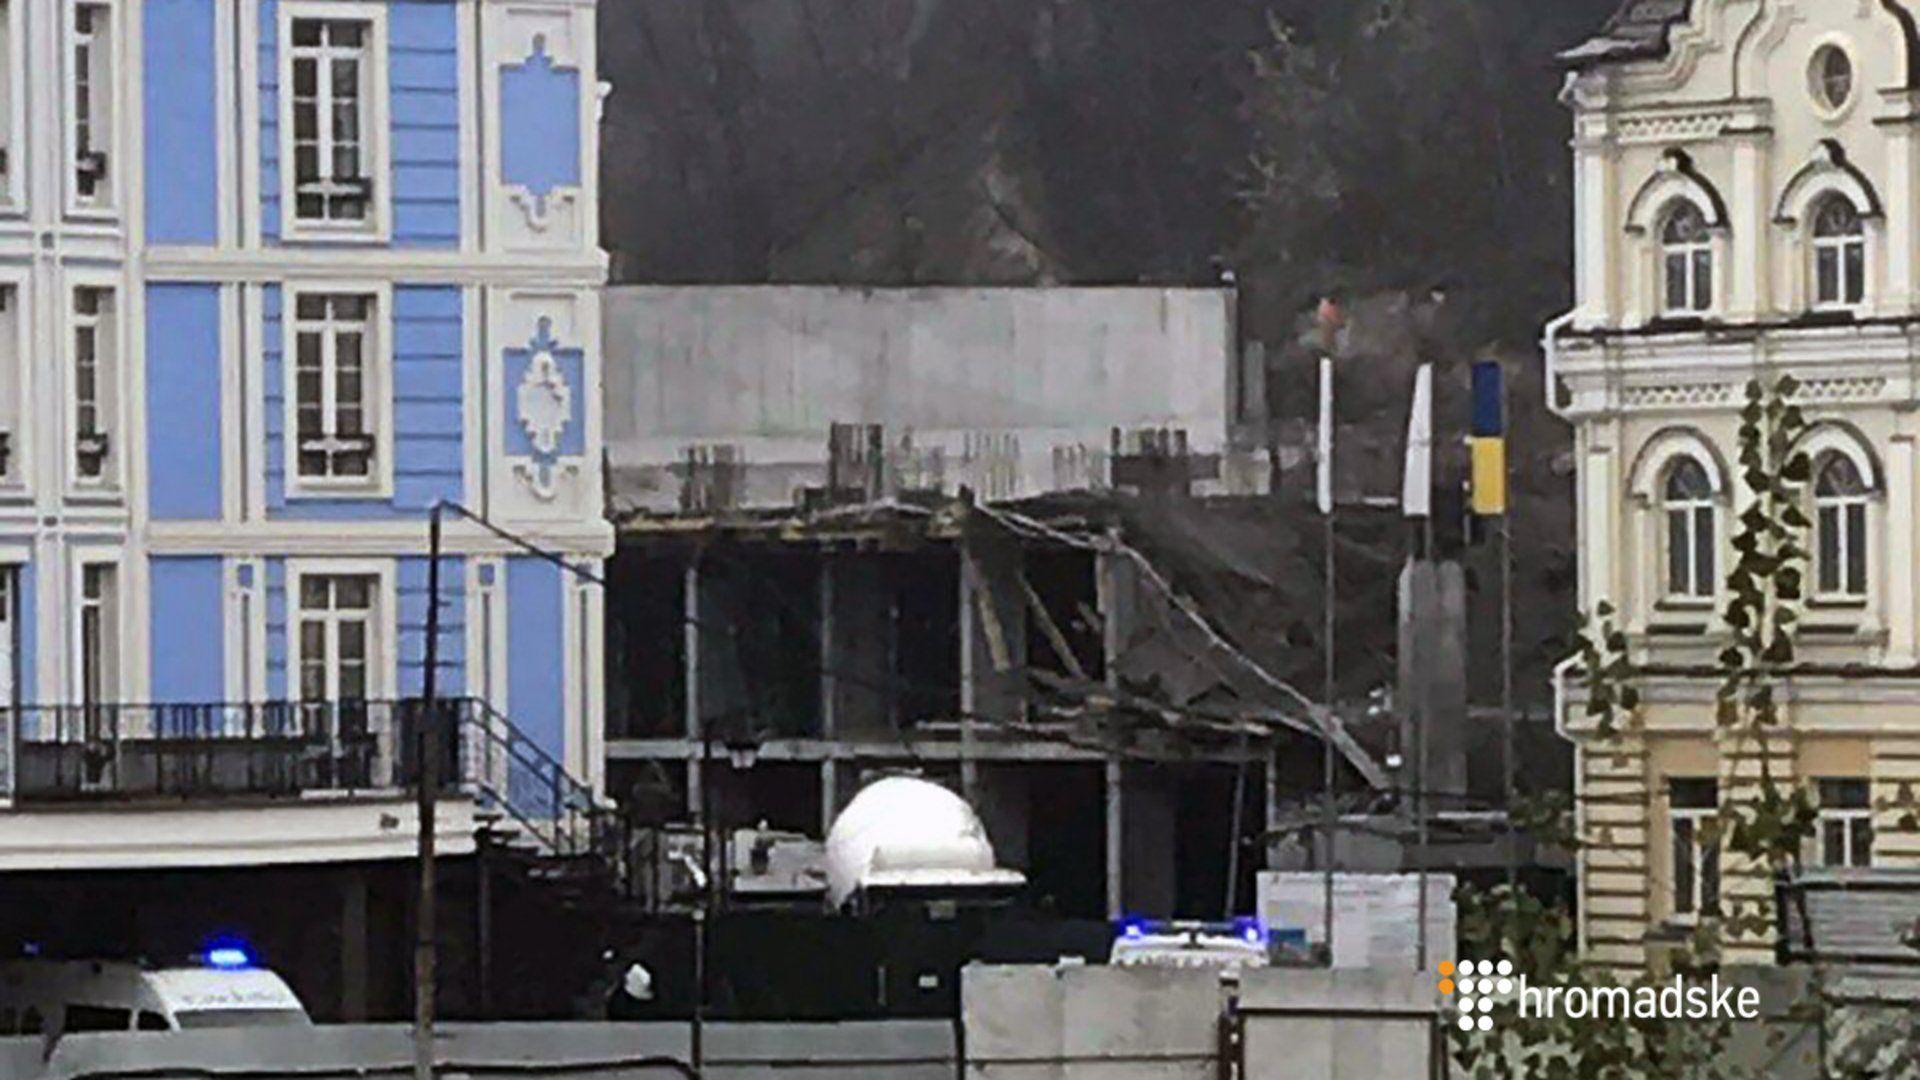 Обвал на стройплощадке в Киеве, на месте события работают медики, опубликованы фото